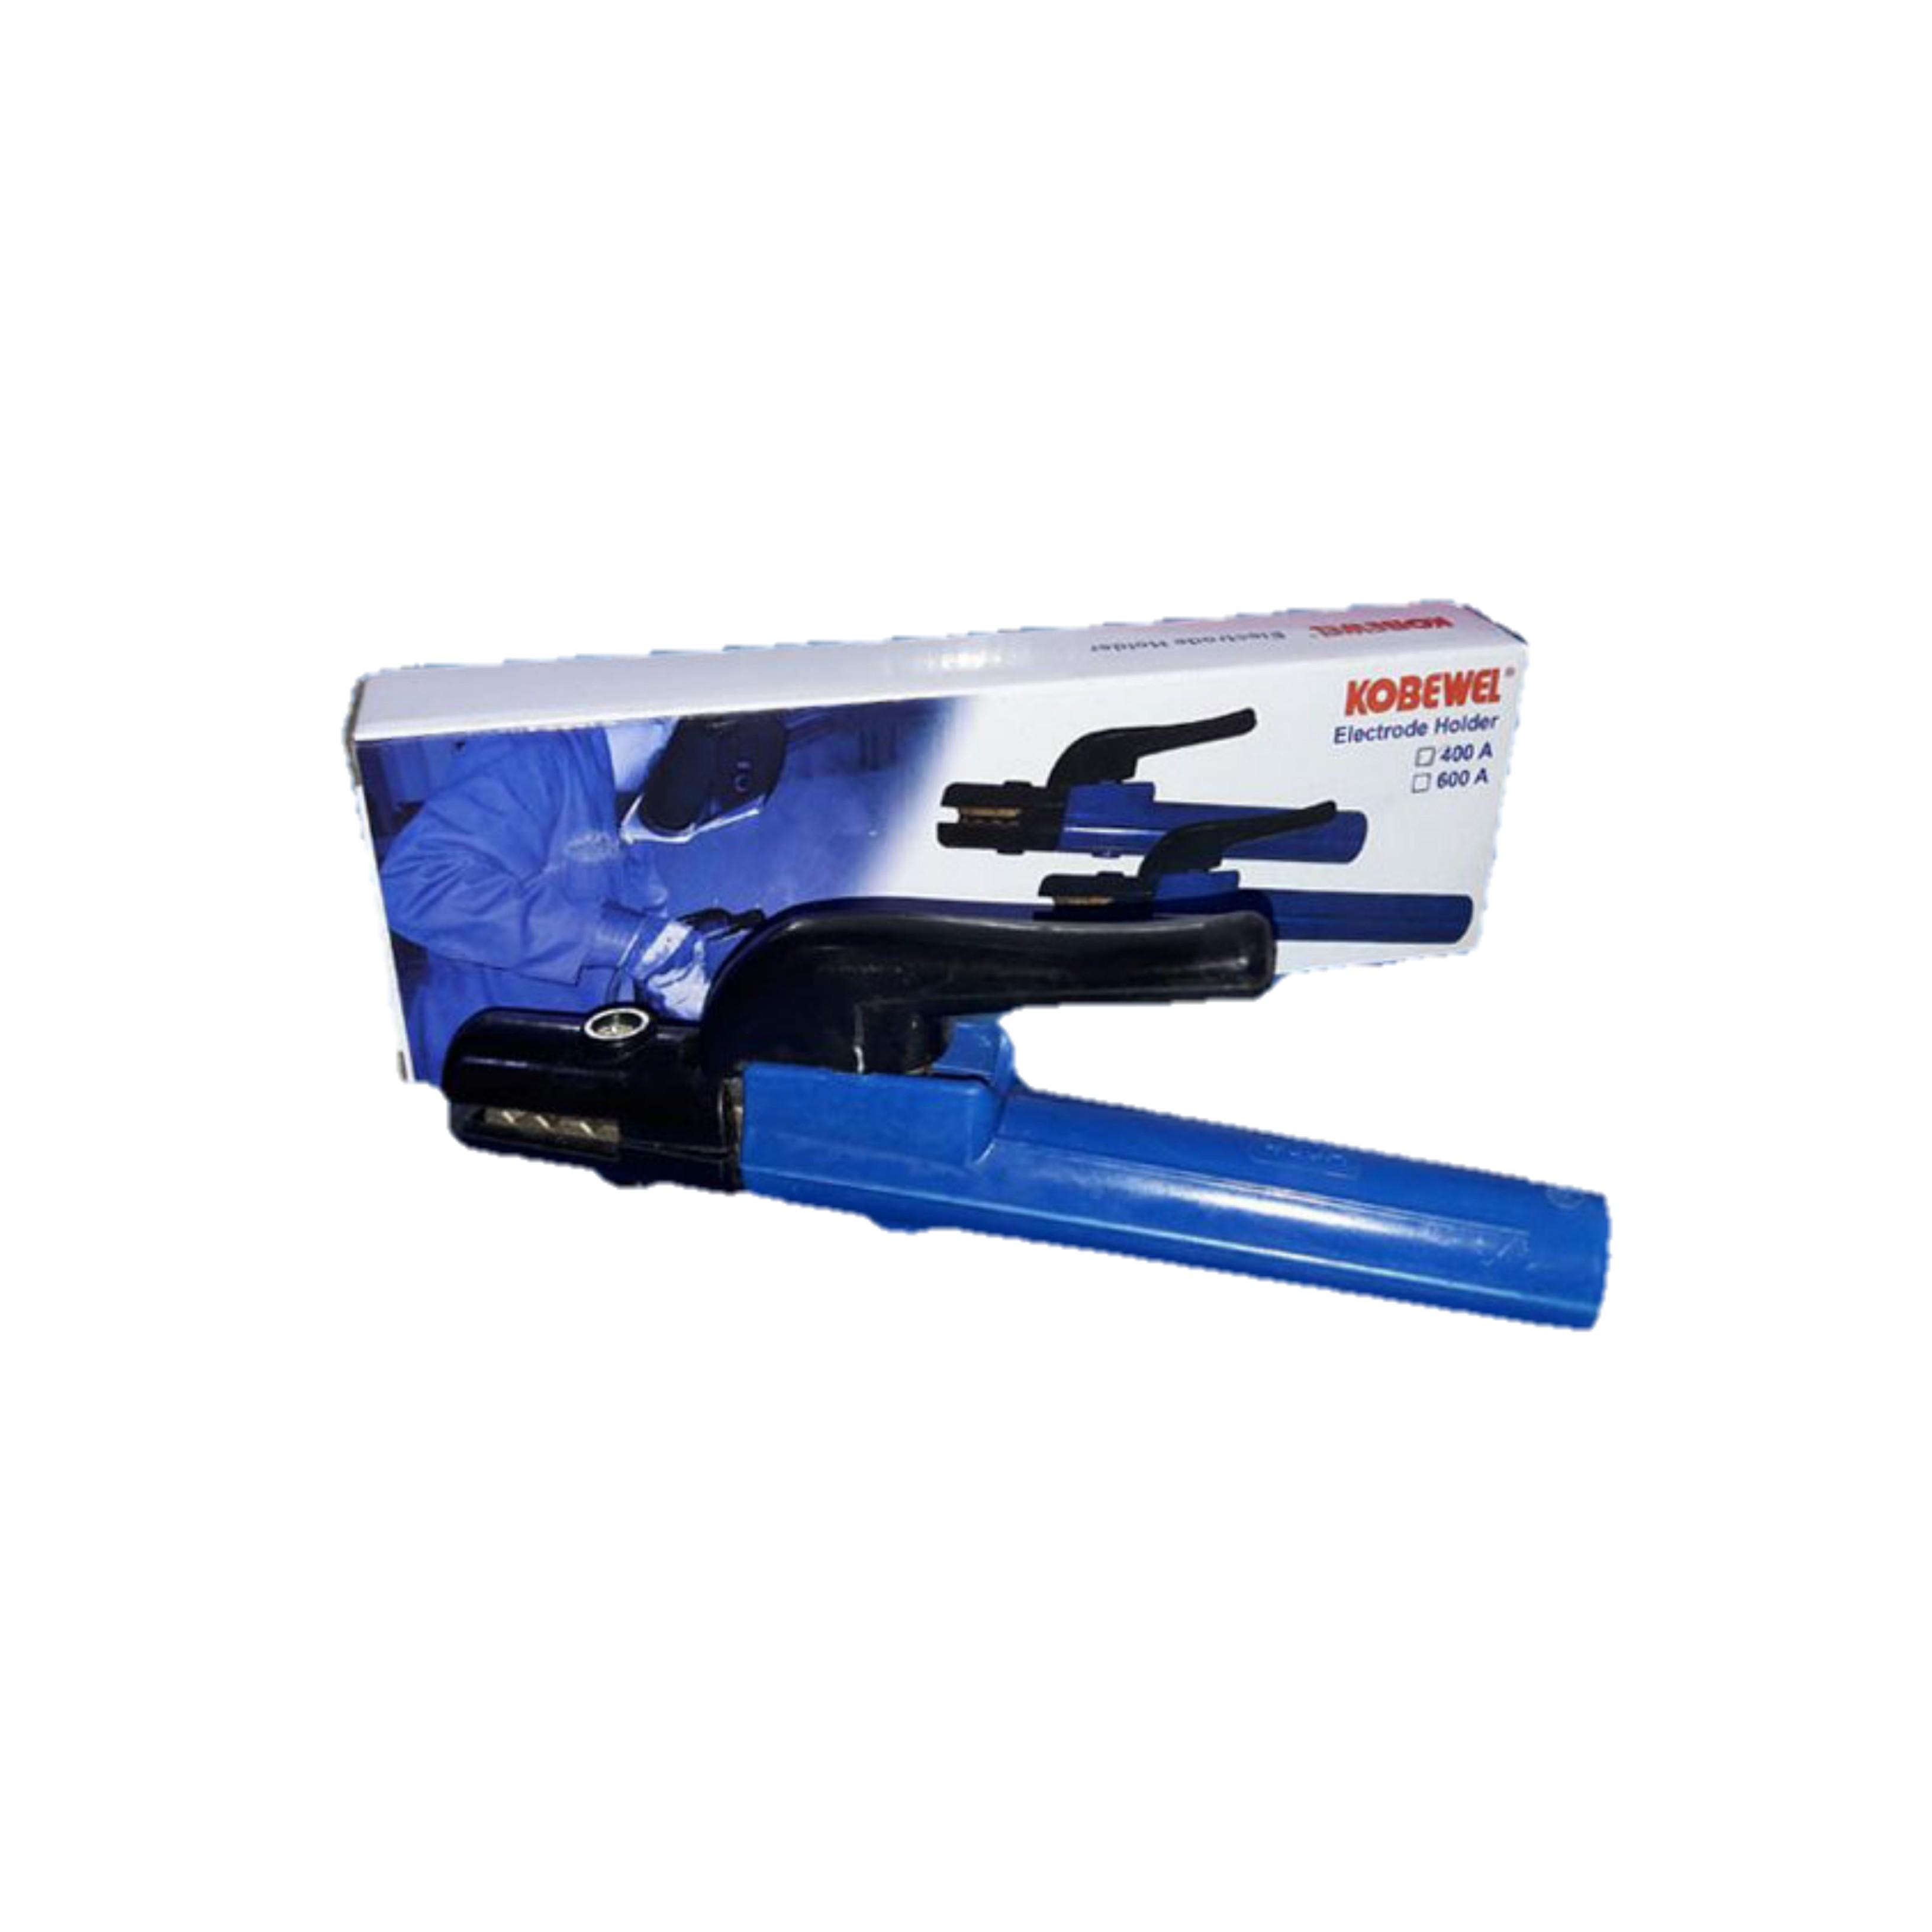 Electrode holder 400A Japan kobewel